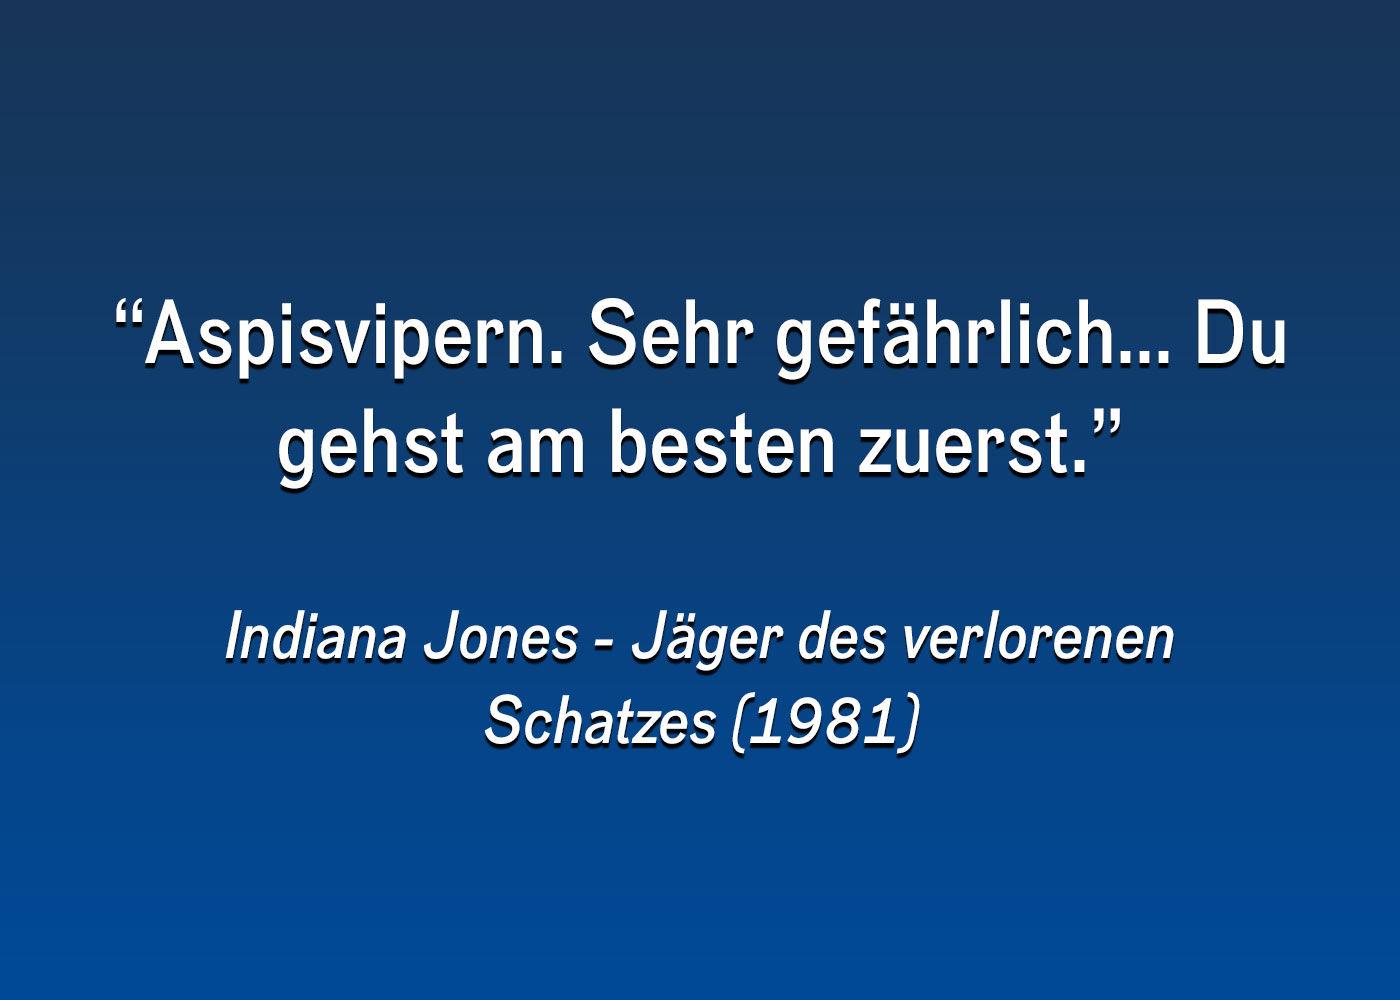 37 Jahre Indiana Jones Seine Besten Sprüche Rock Antenne